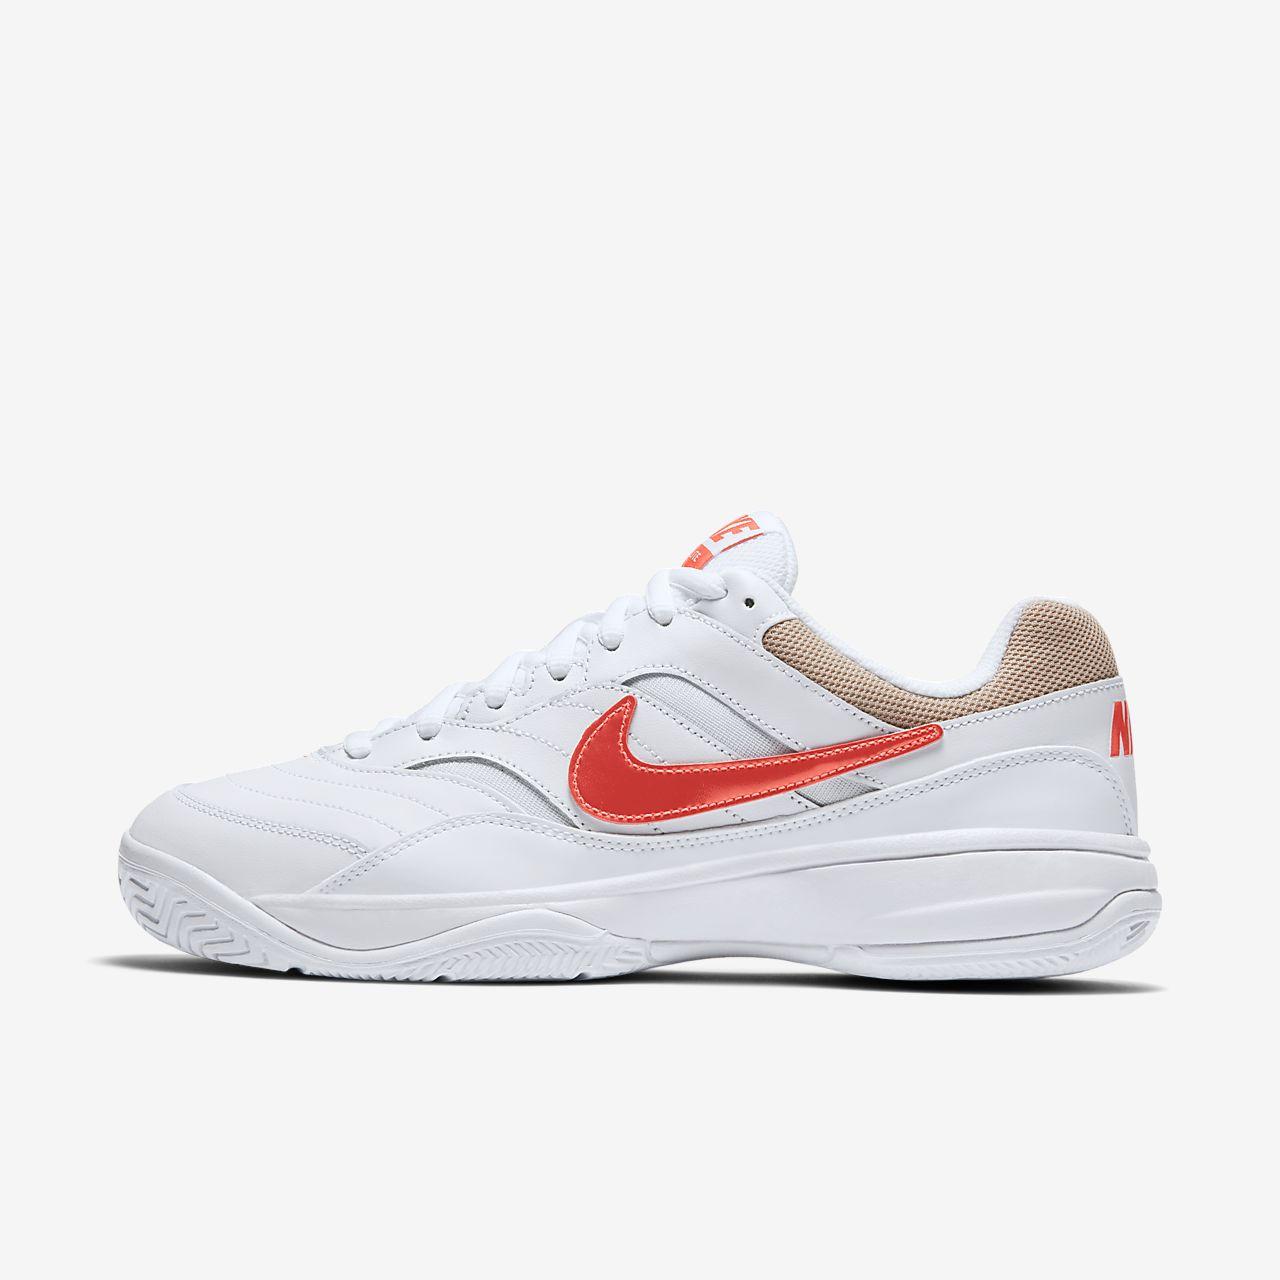 1f081247b0 Sapatilhas de ténis para piso duro NikeCourt Lite para homem. Nike ...